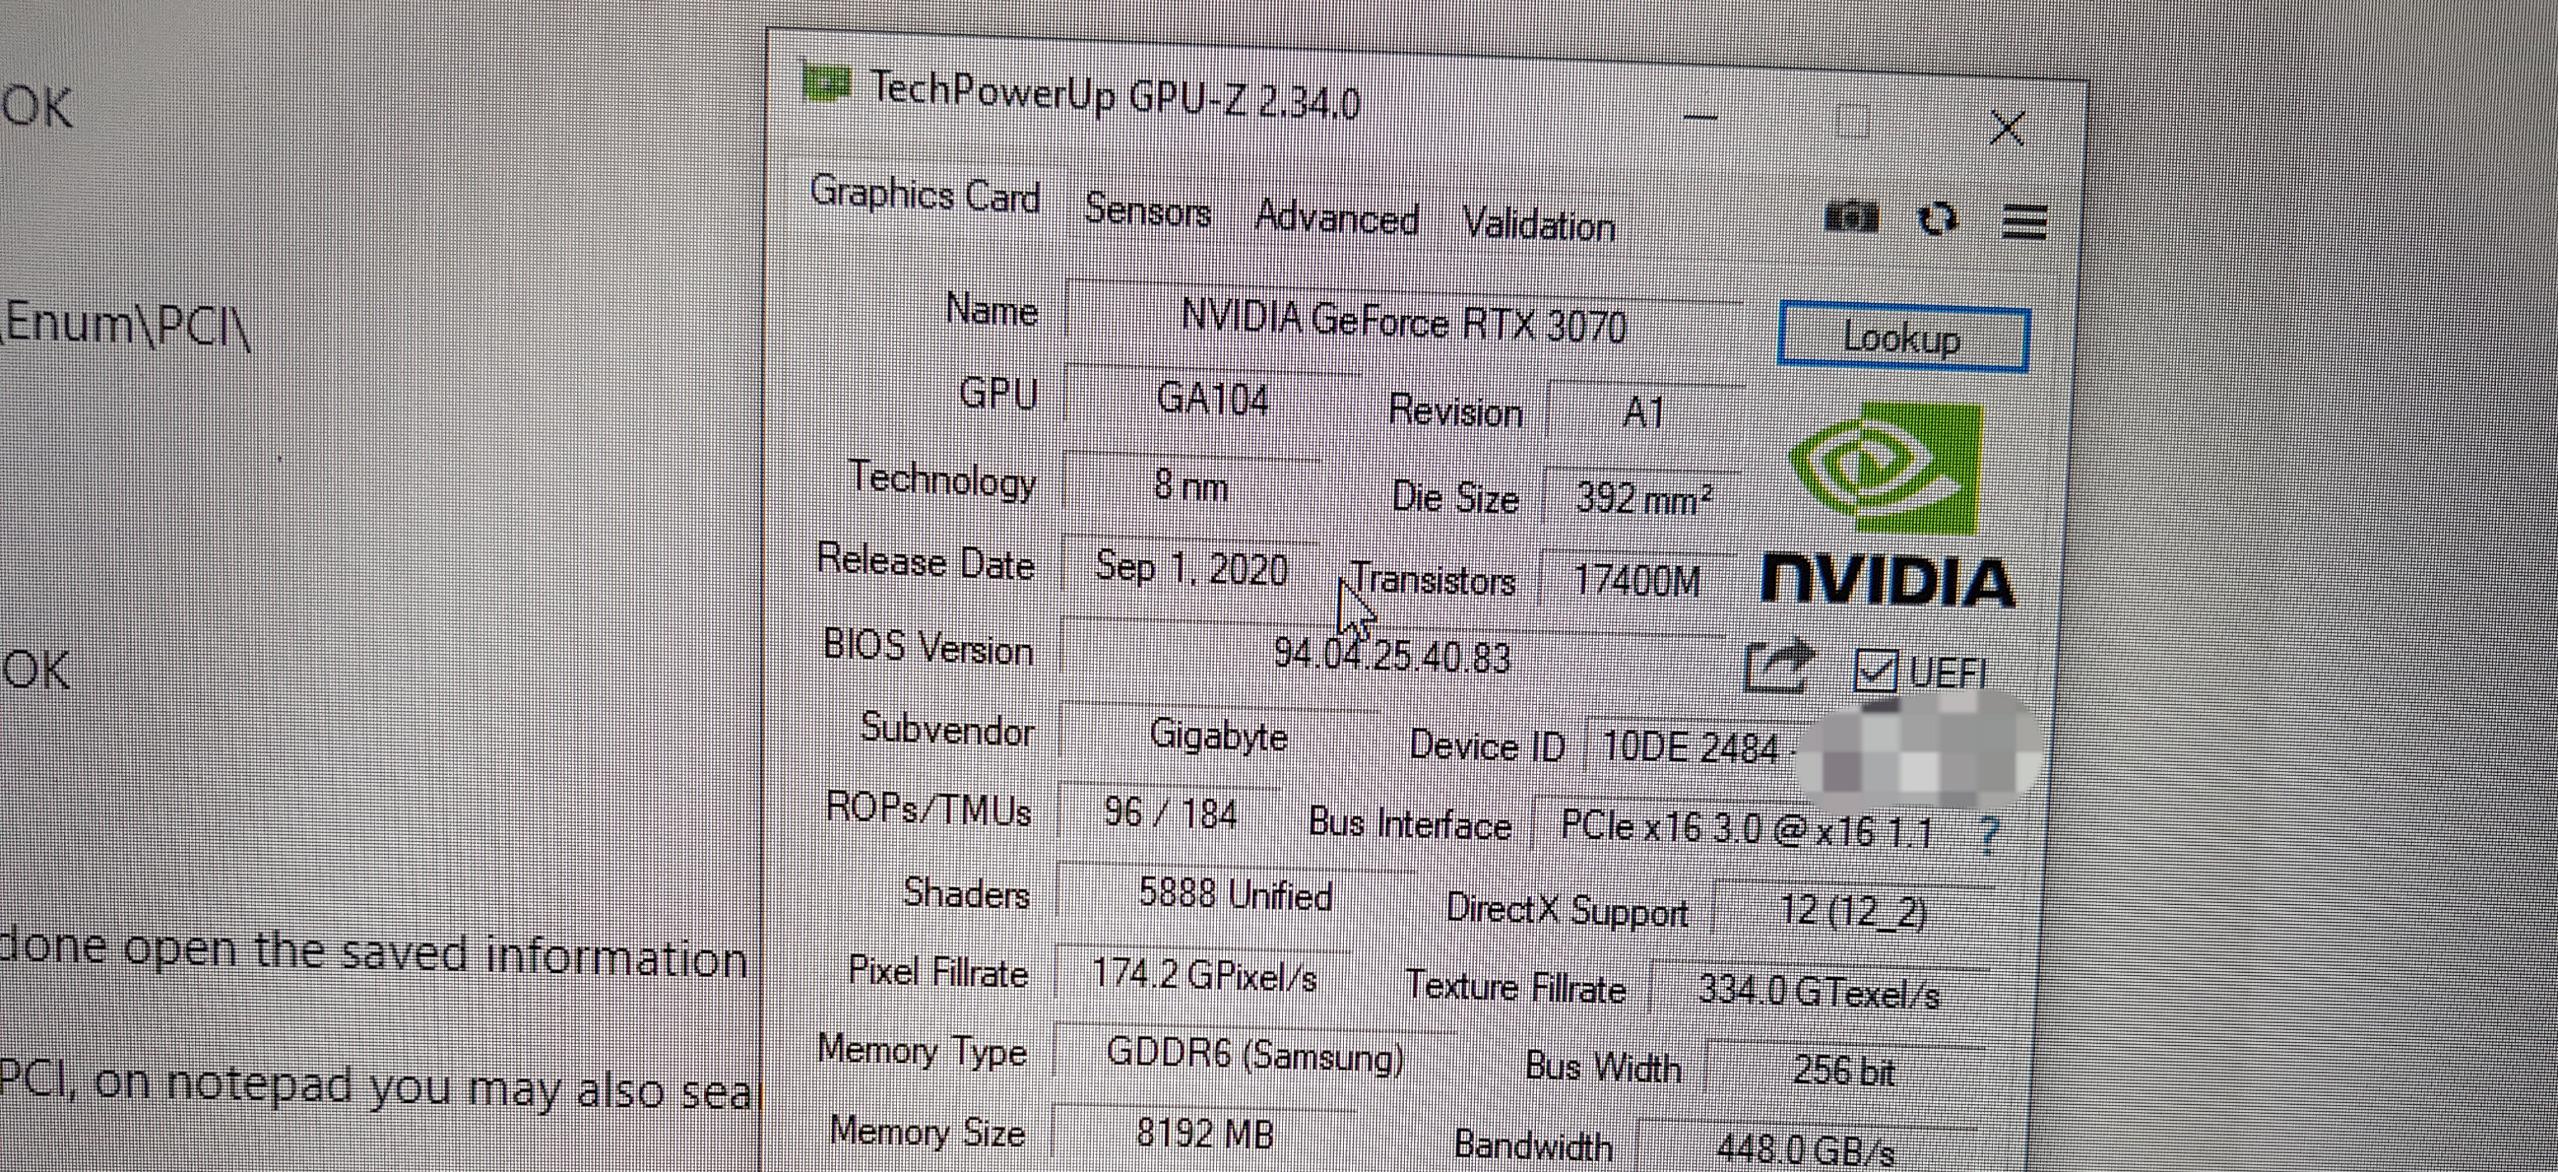 Screenshot_2020-09-25 tnnzxiy1mcp51 png (WEBP-Grafik, 3992 × 1878 Pixel) - Skaliert (51%).jpg